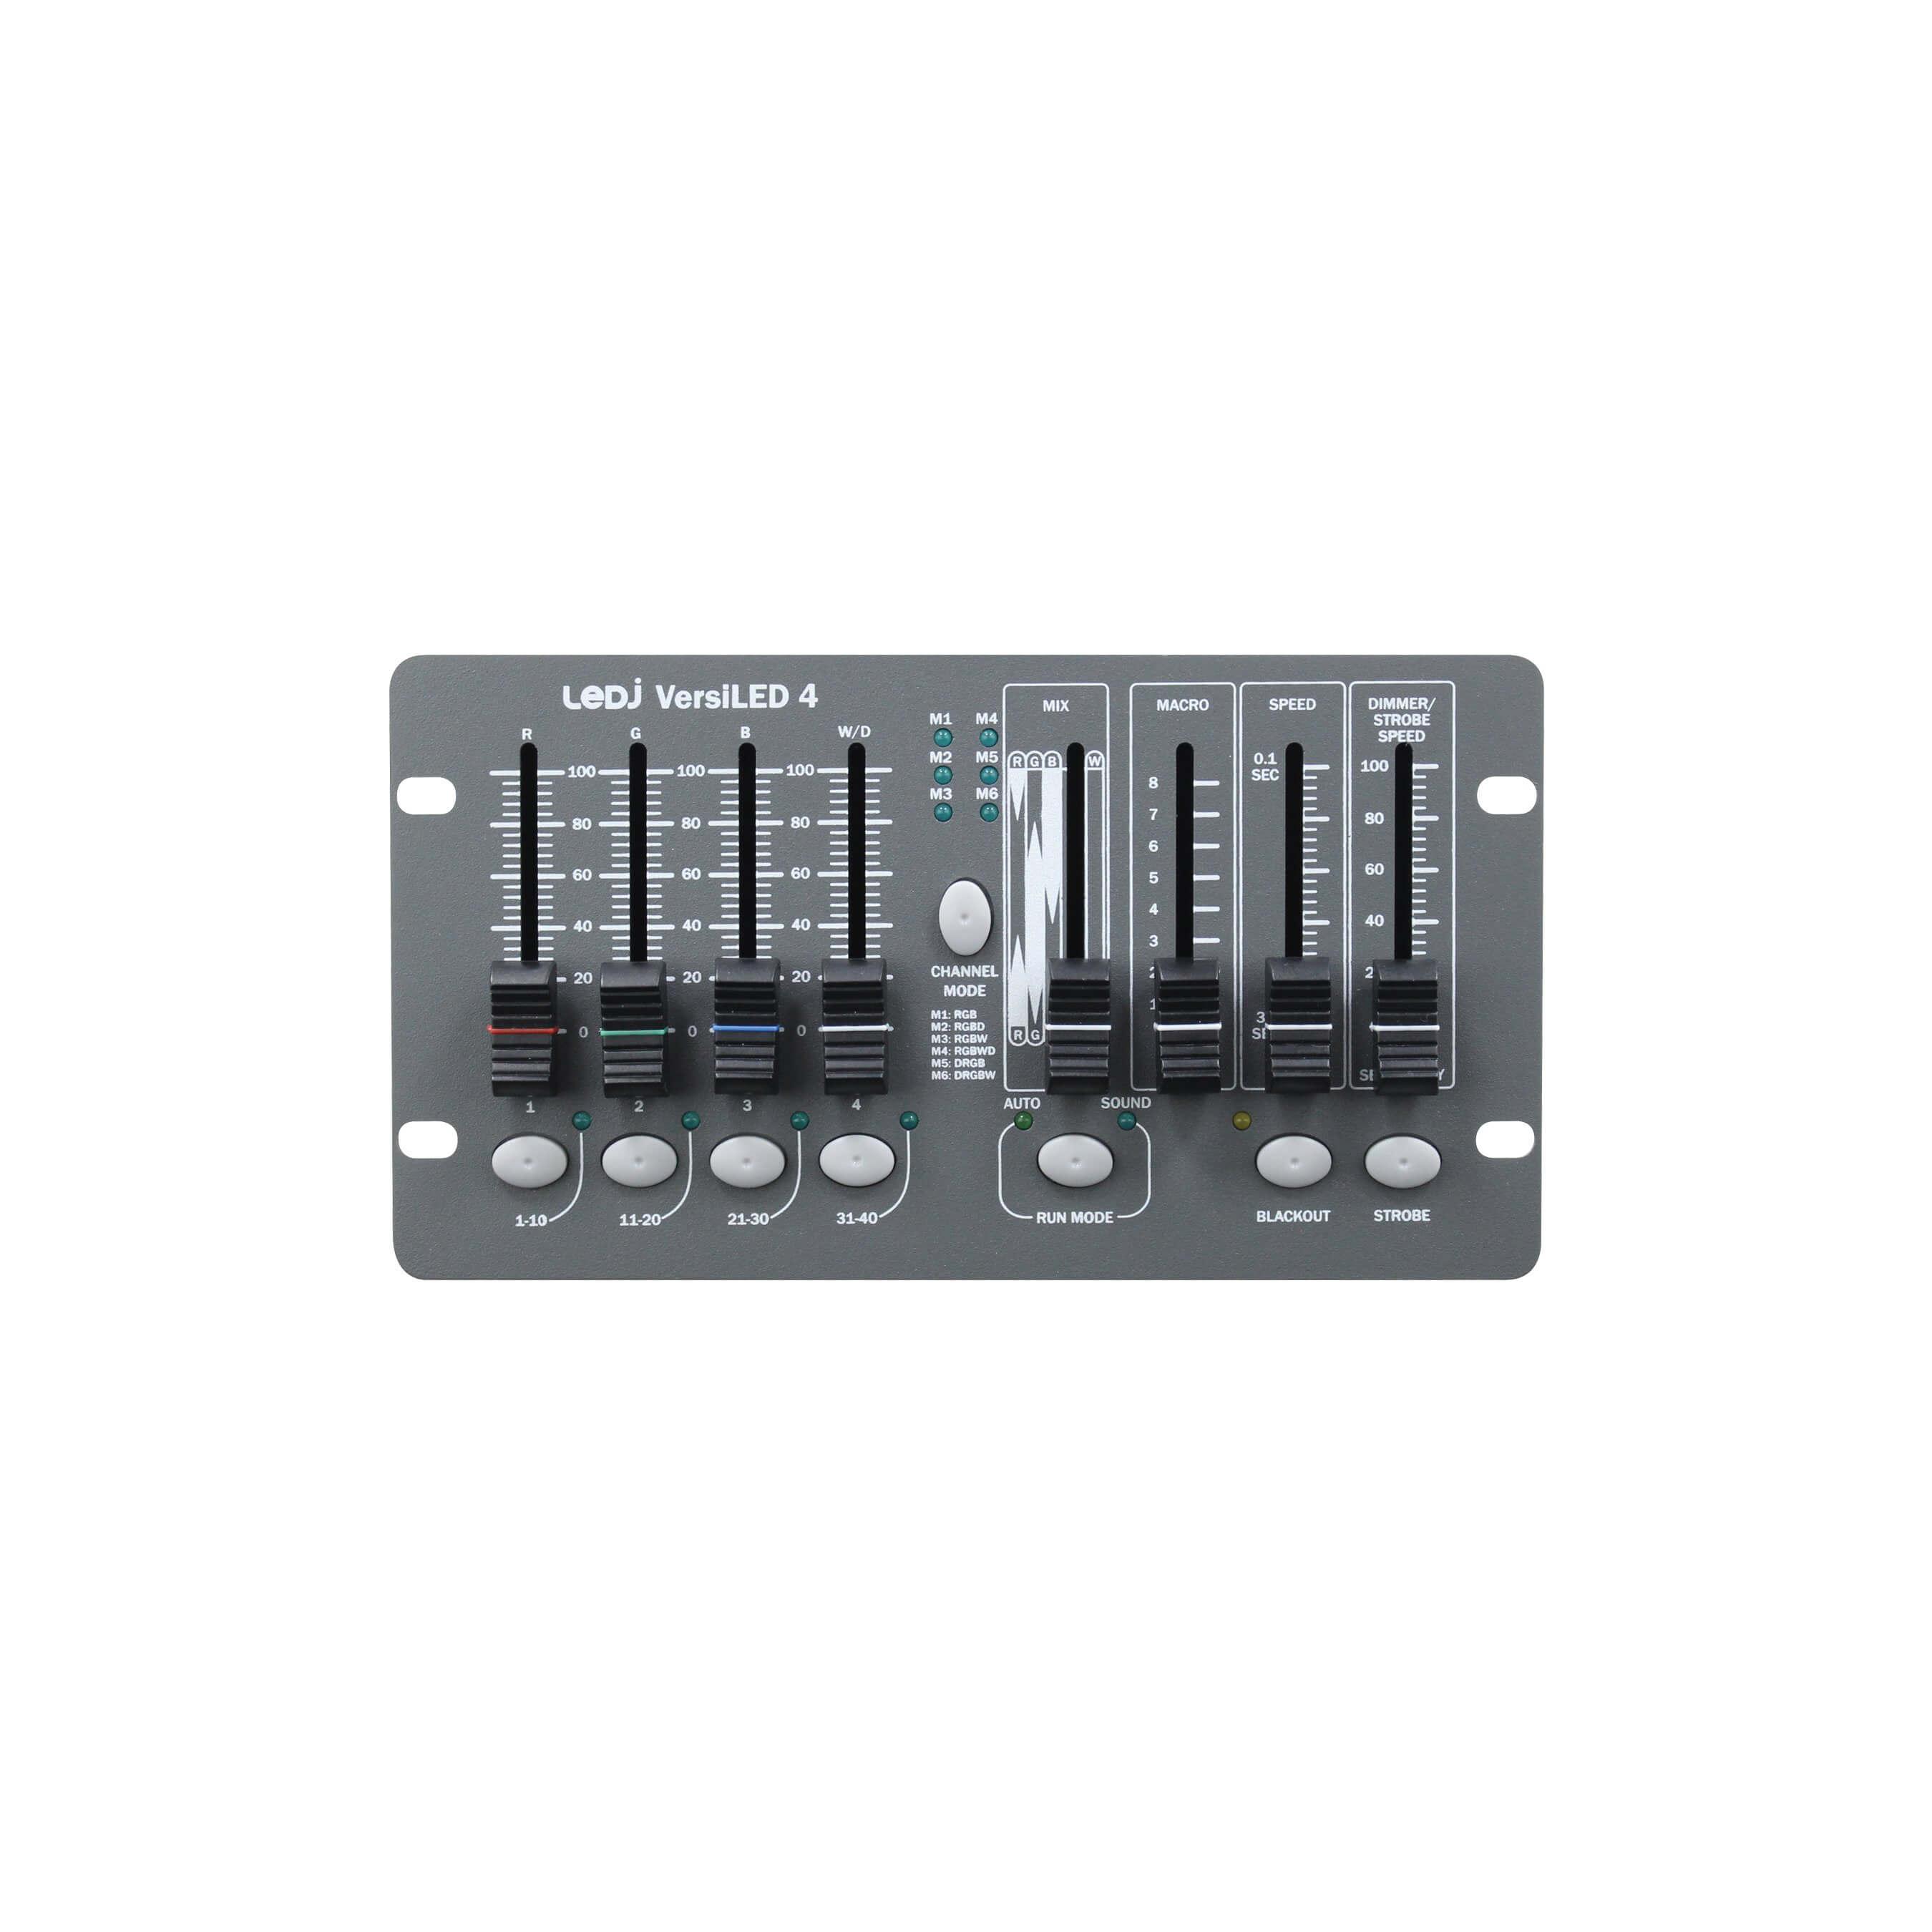 LEDJ VersiLED 4 DMX Controller